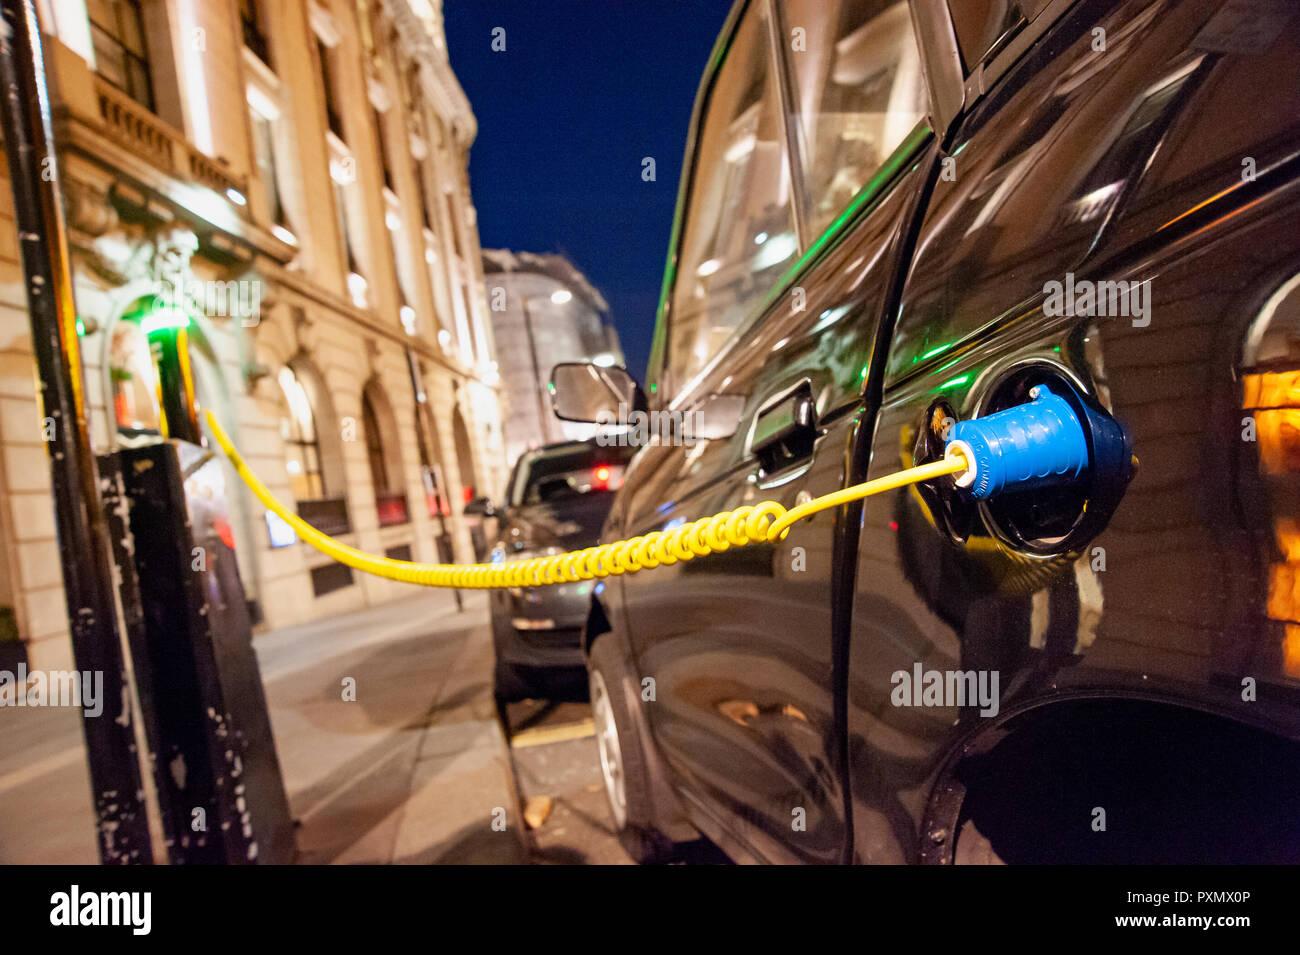 Elektroauto aufladen auf einer Stadtautoladeranlage, Großbritannien, London Stockfoto